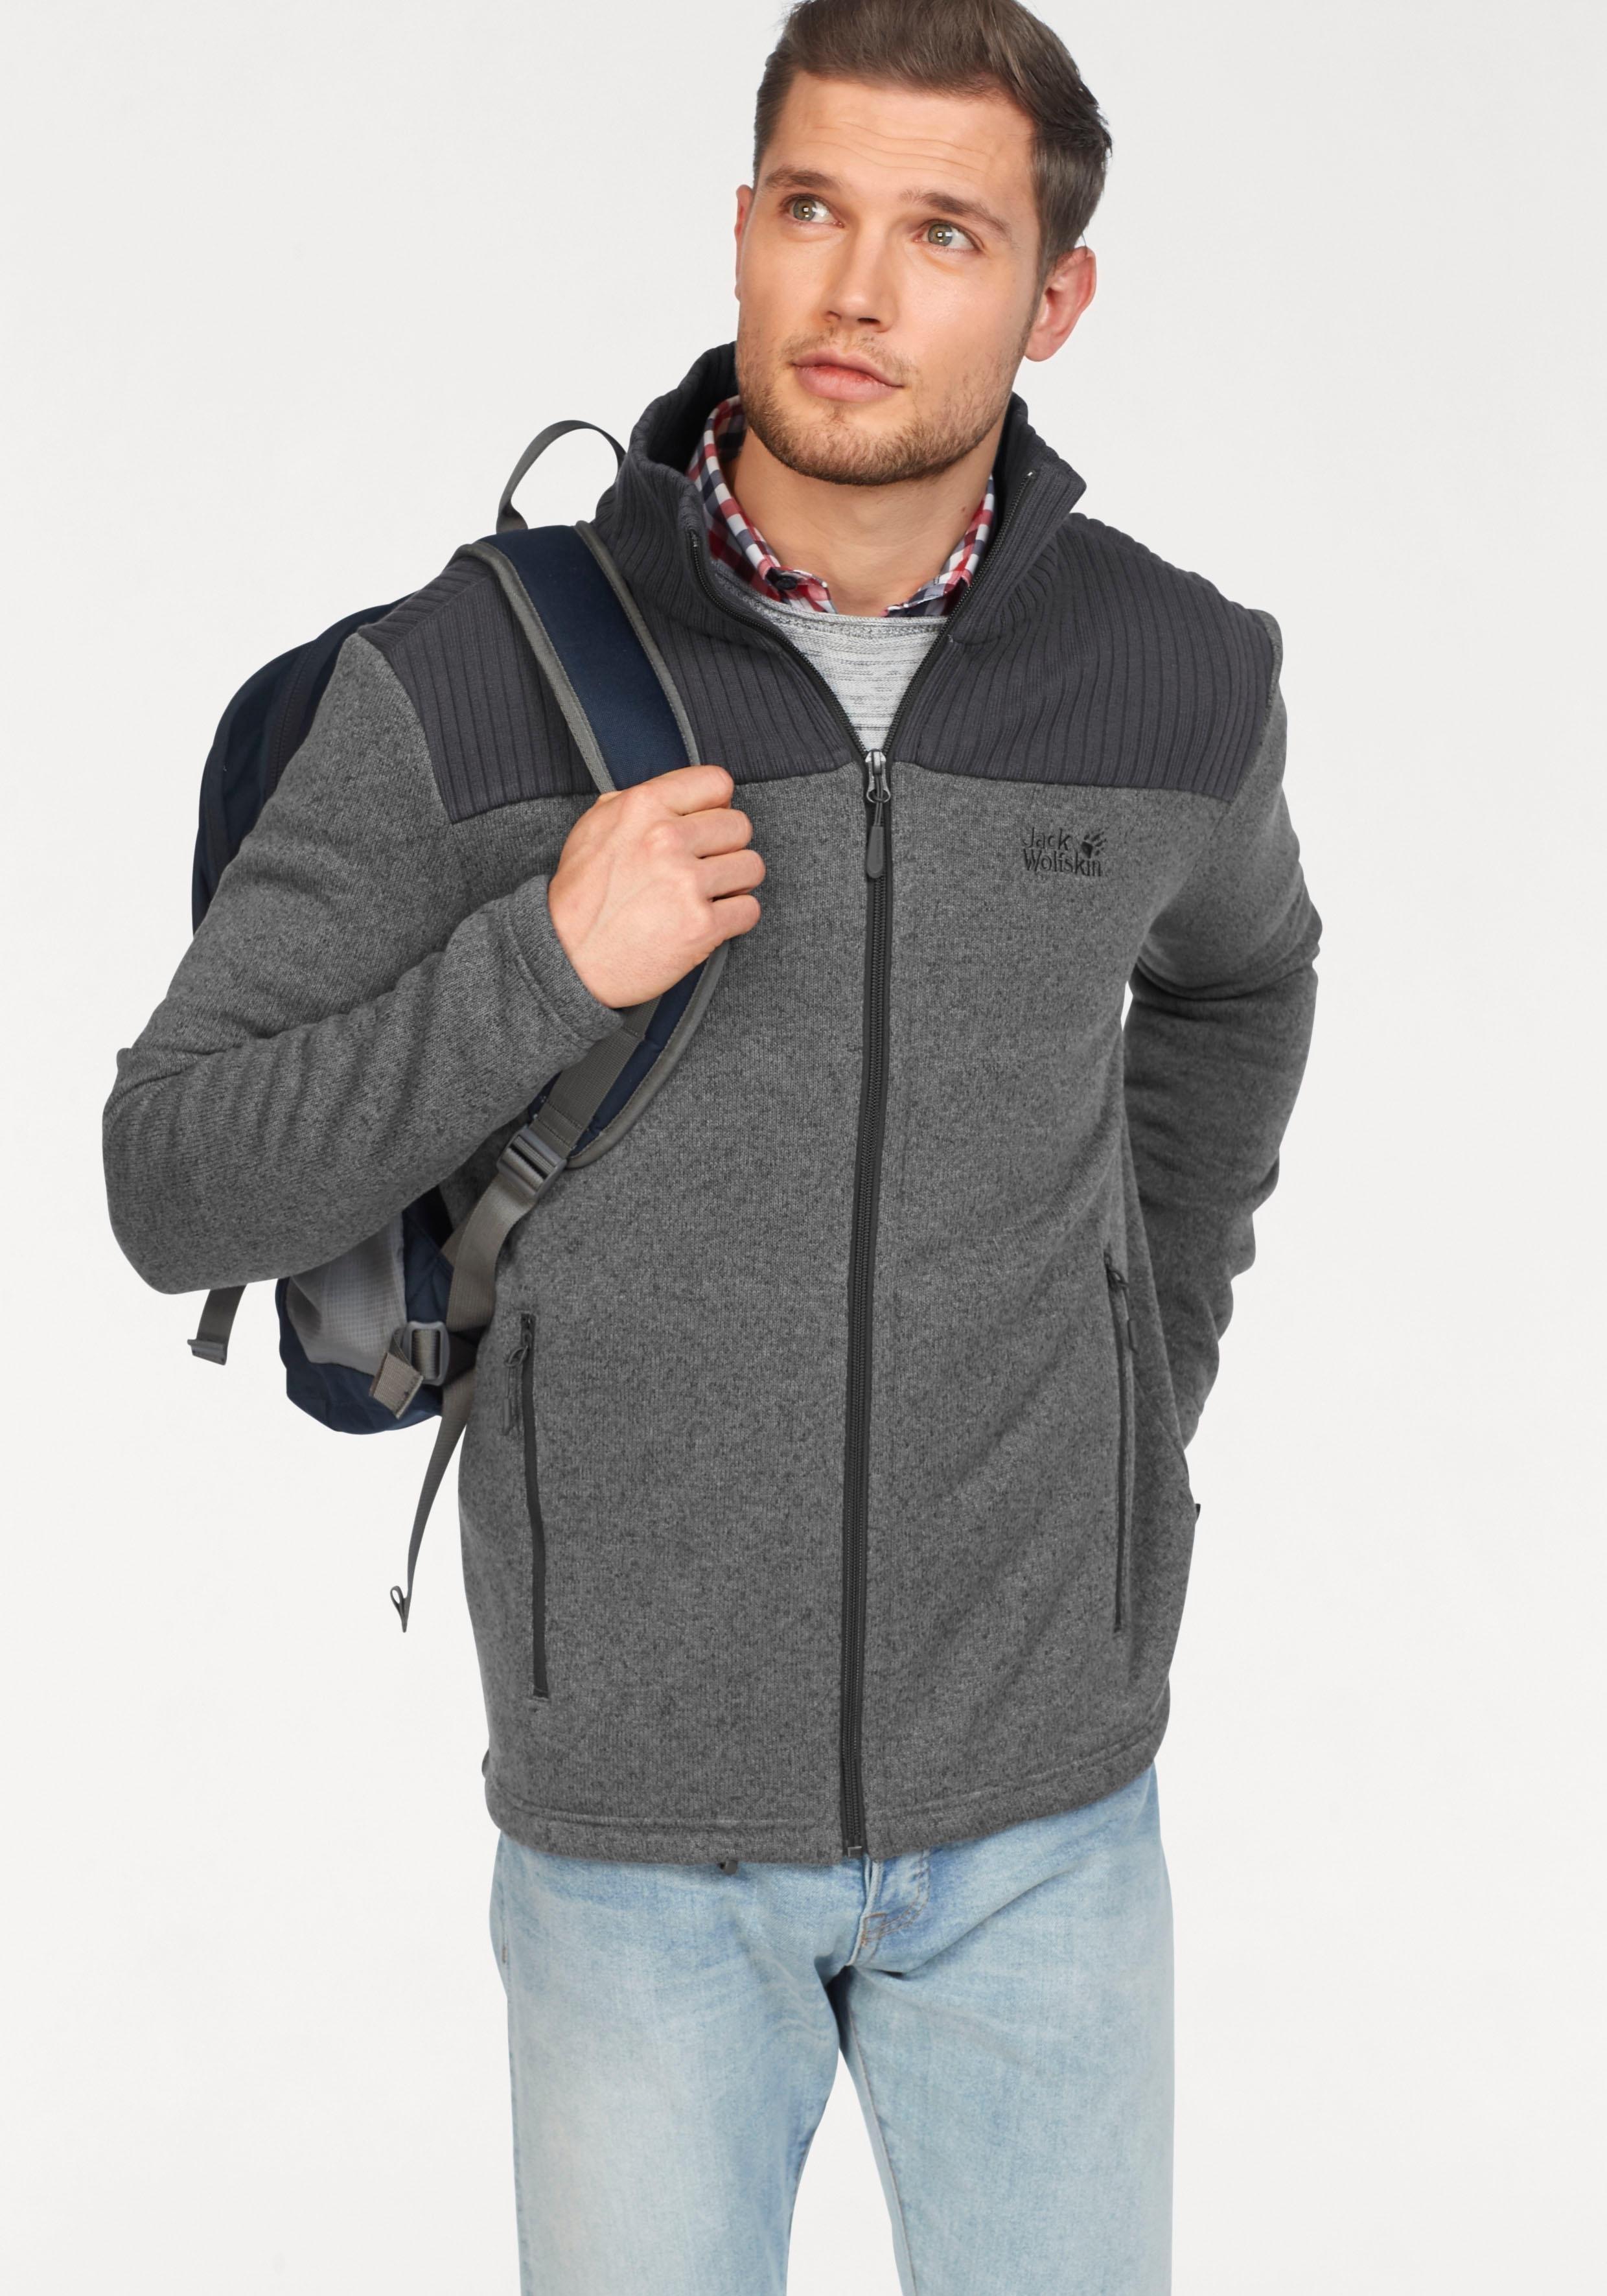 2cd7c33b613 Fleece vest heren online kopen? Vind ze hier | OTTO